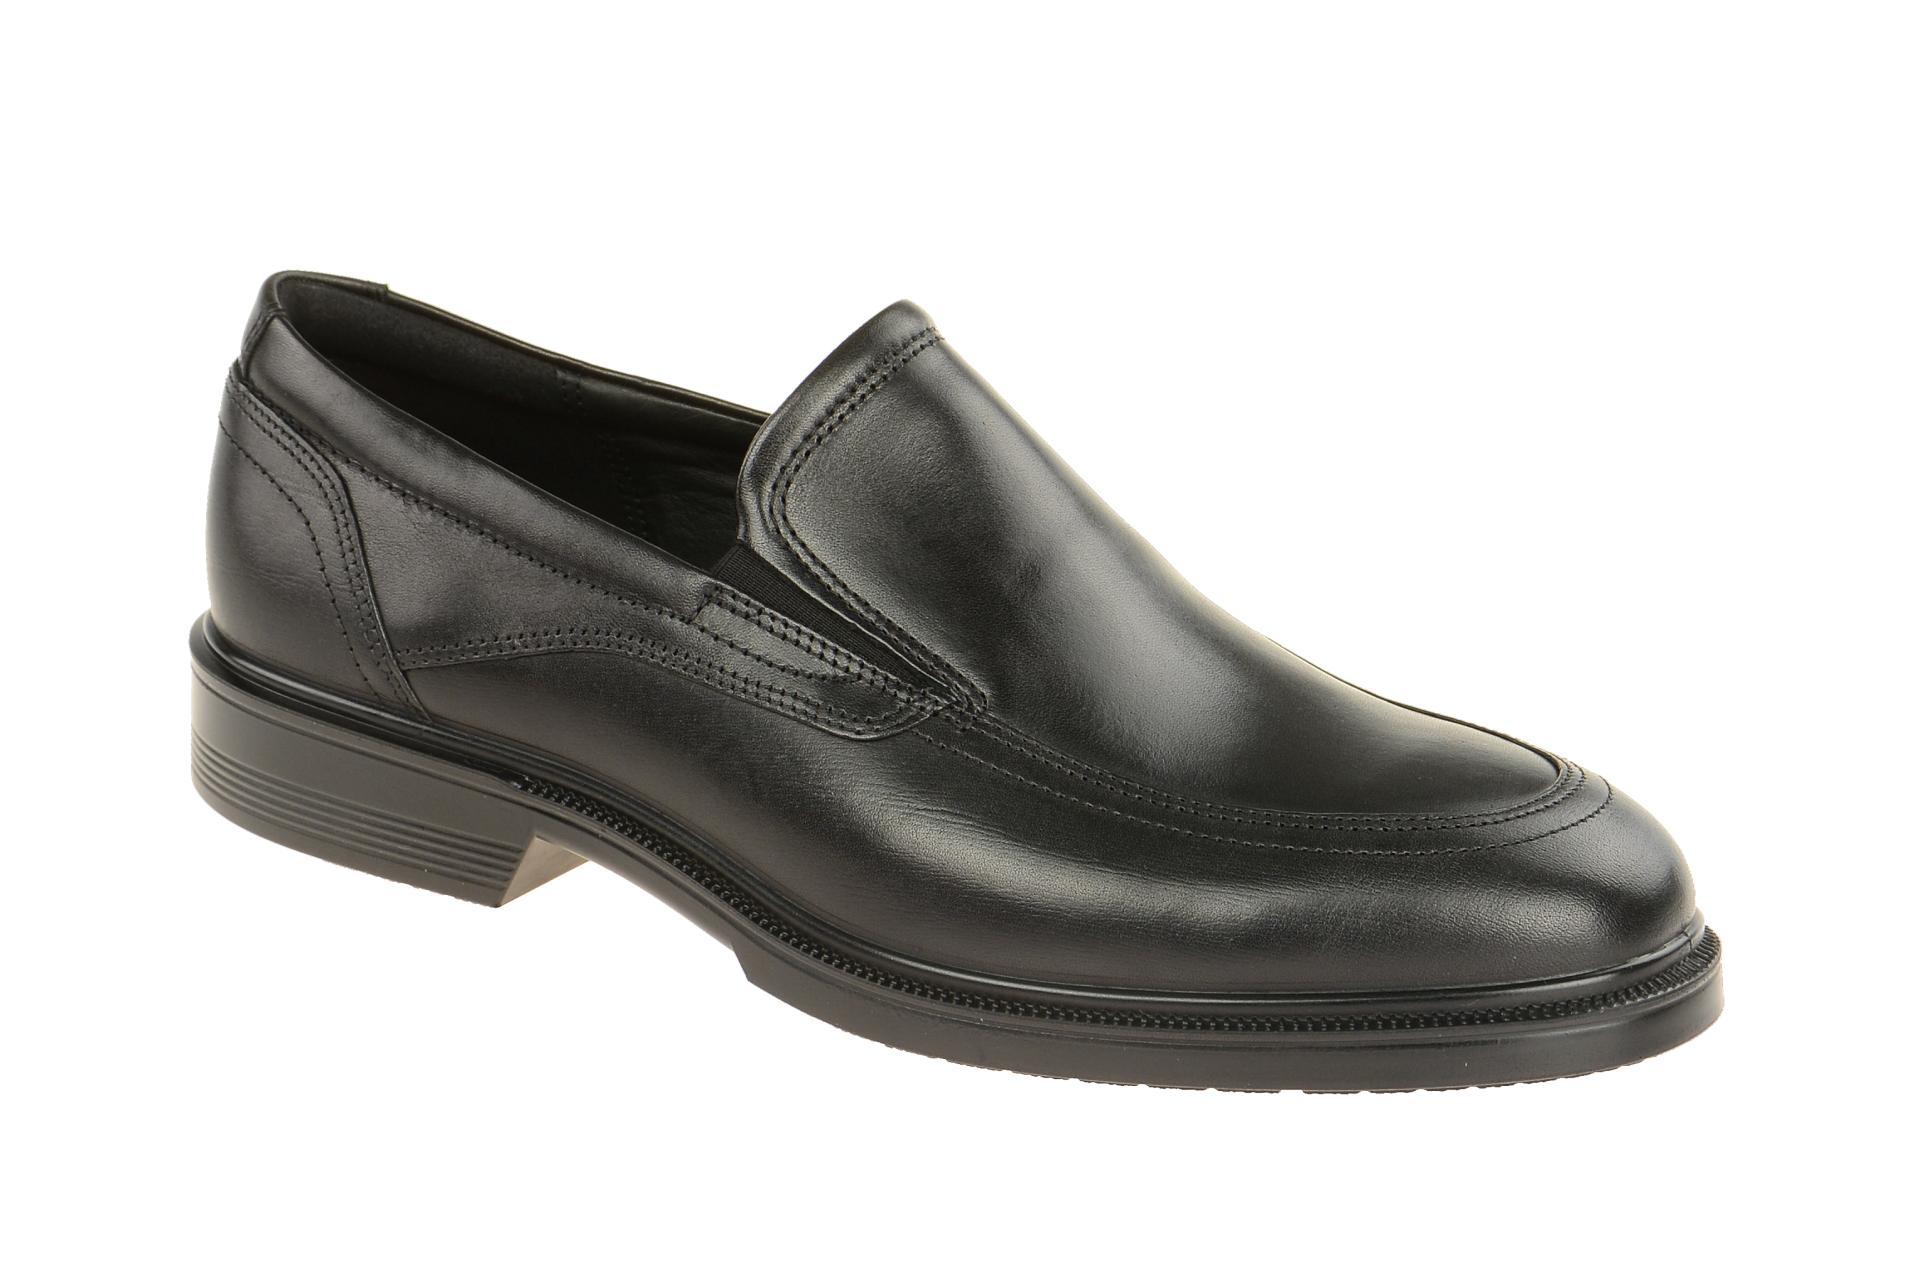 Ecco LISBON Herrenschuhe elegante Slipper Halbschuhe schwarz NEU